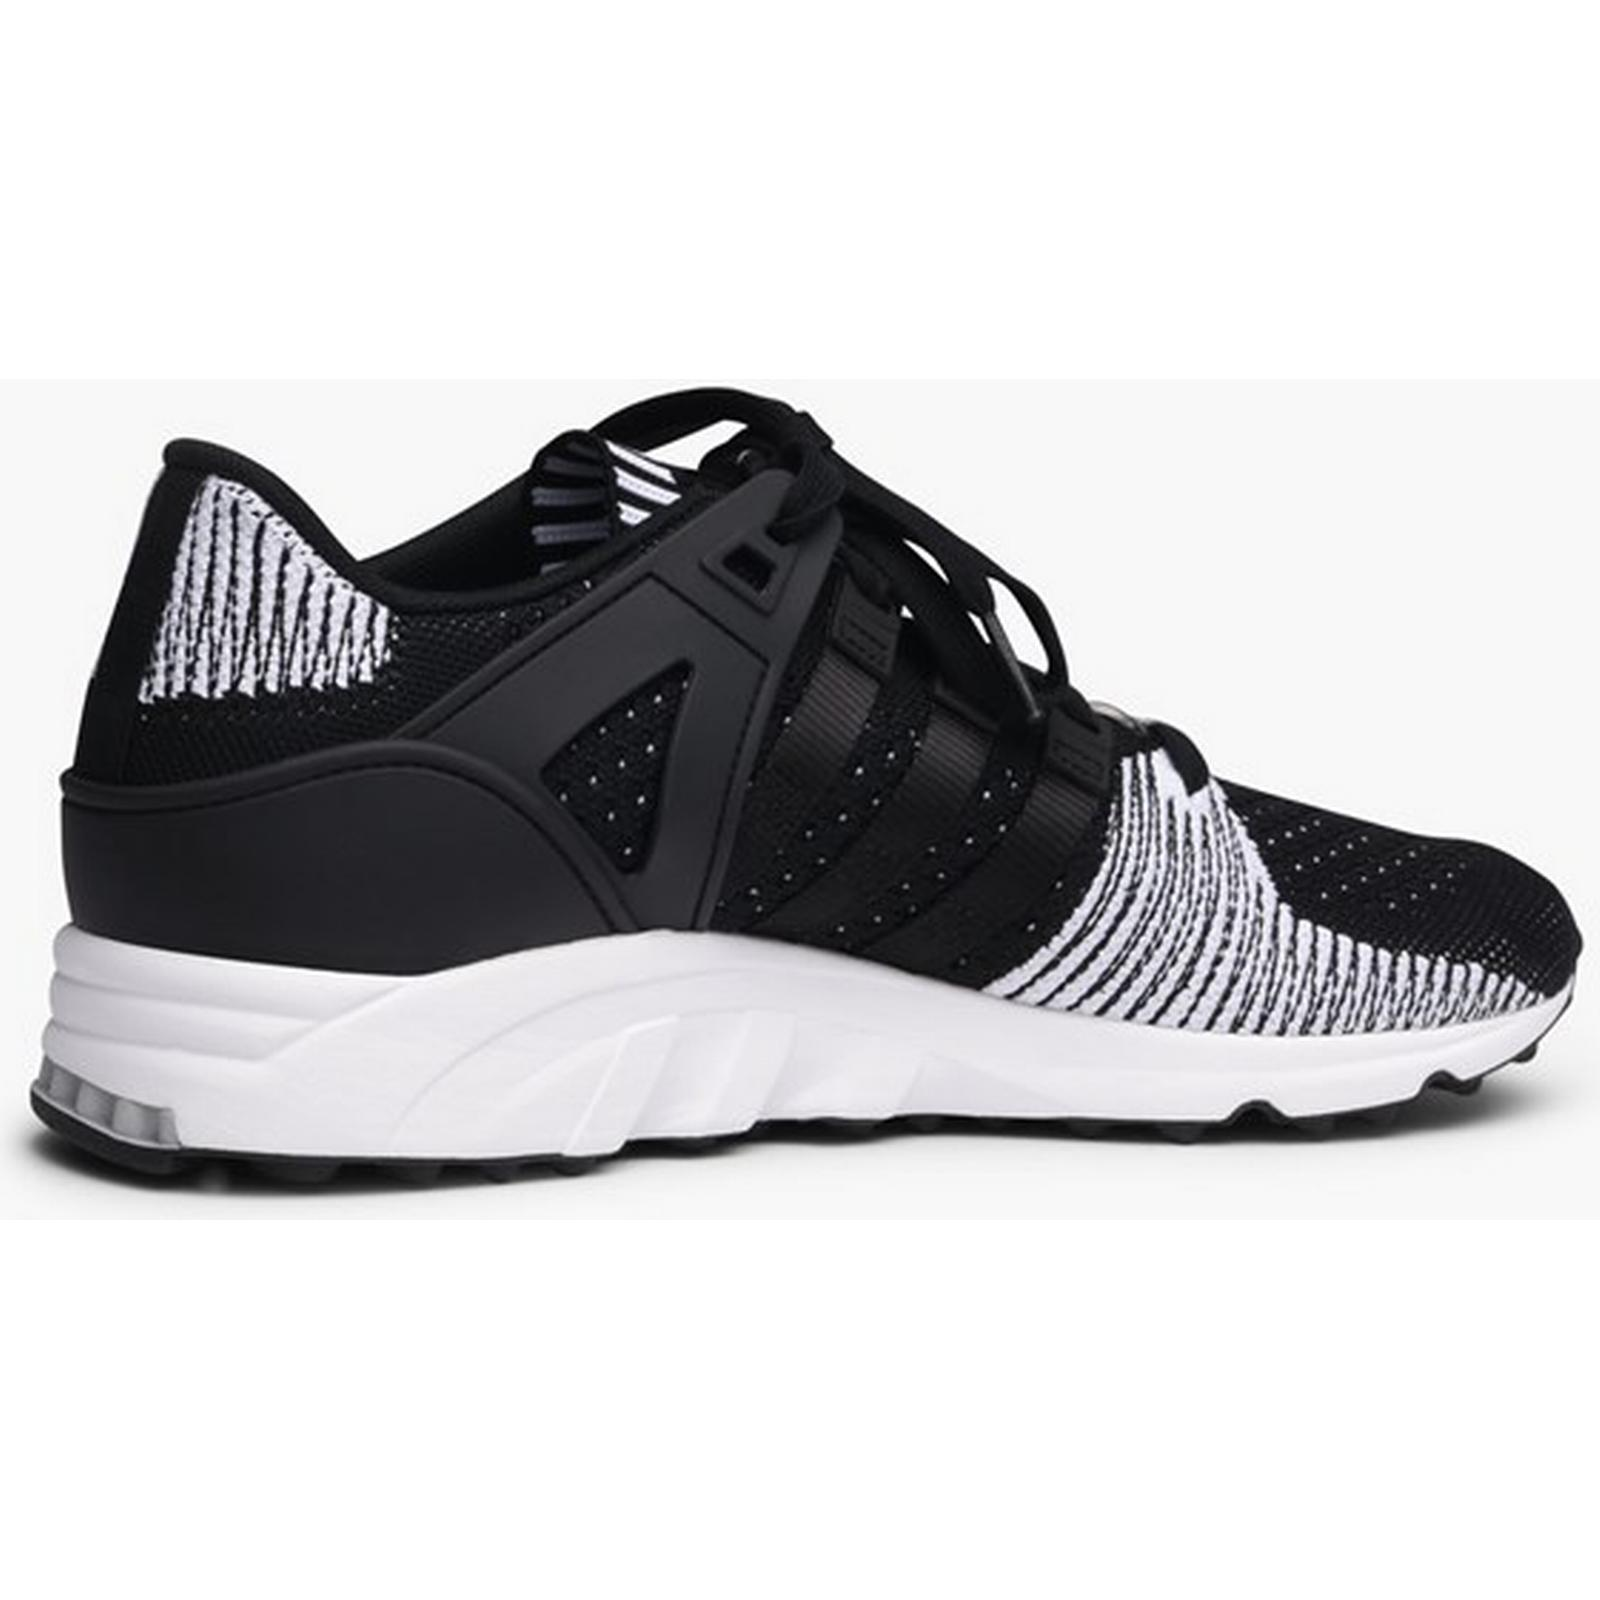 adidas by eqt soutenir rf by adidas fe2f10